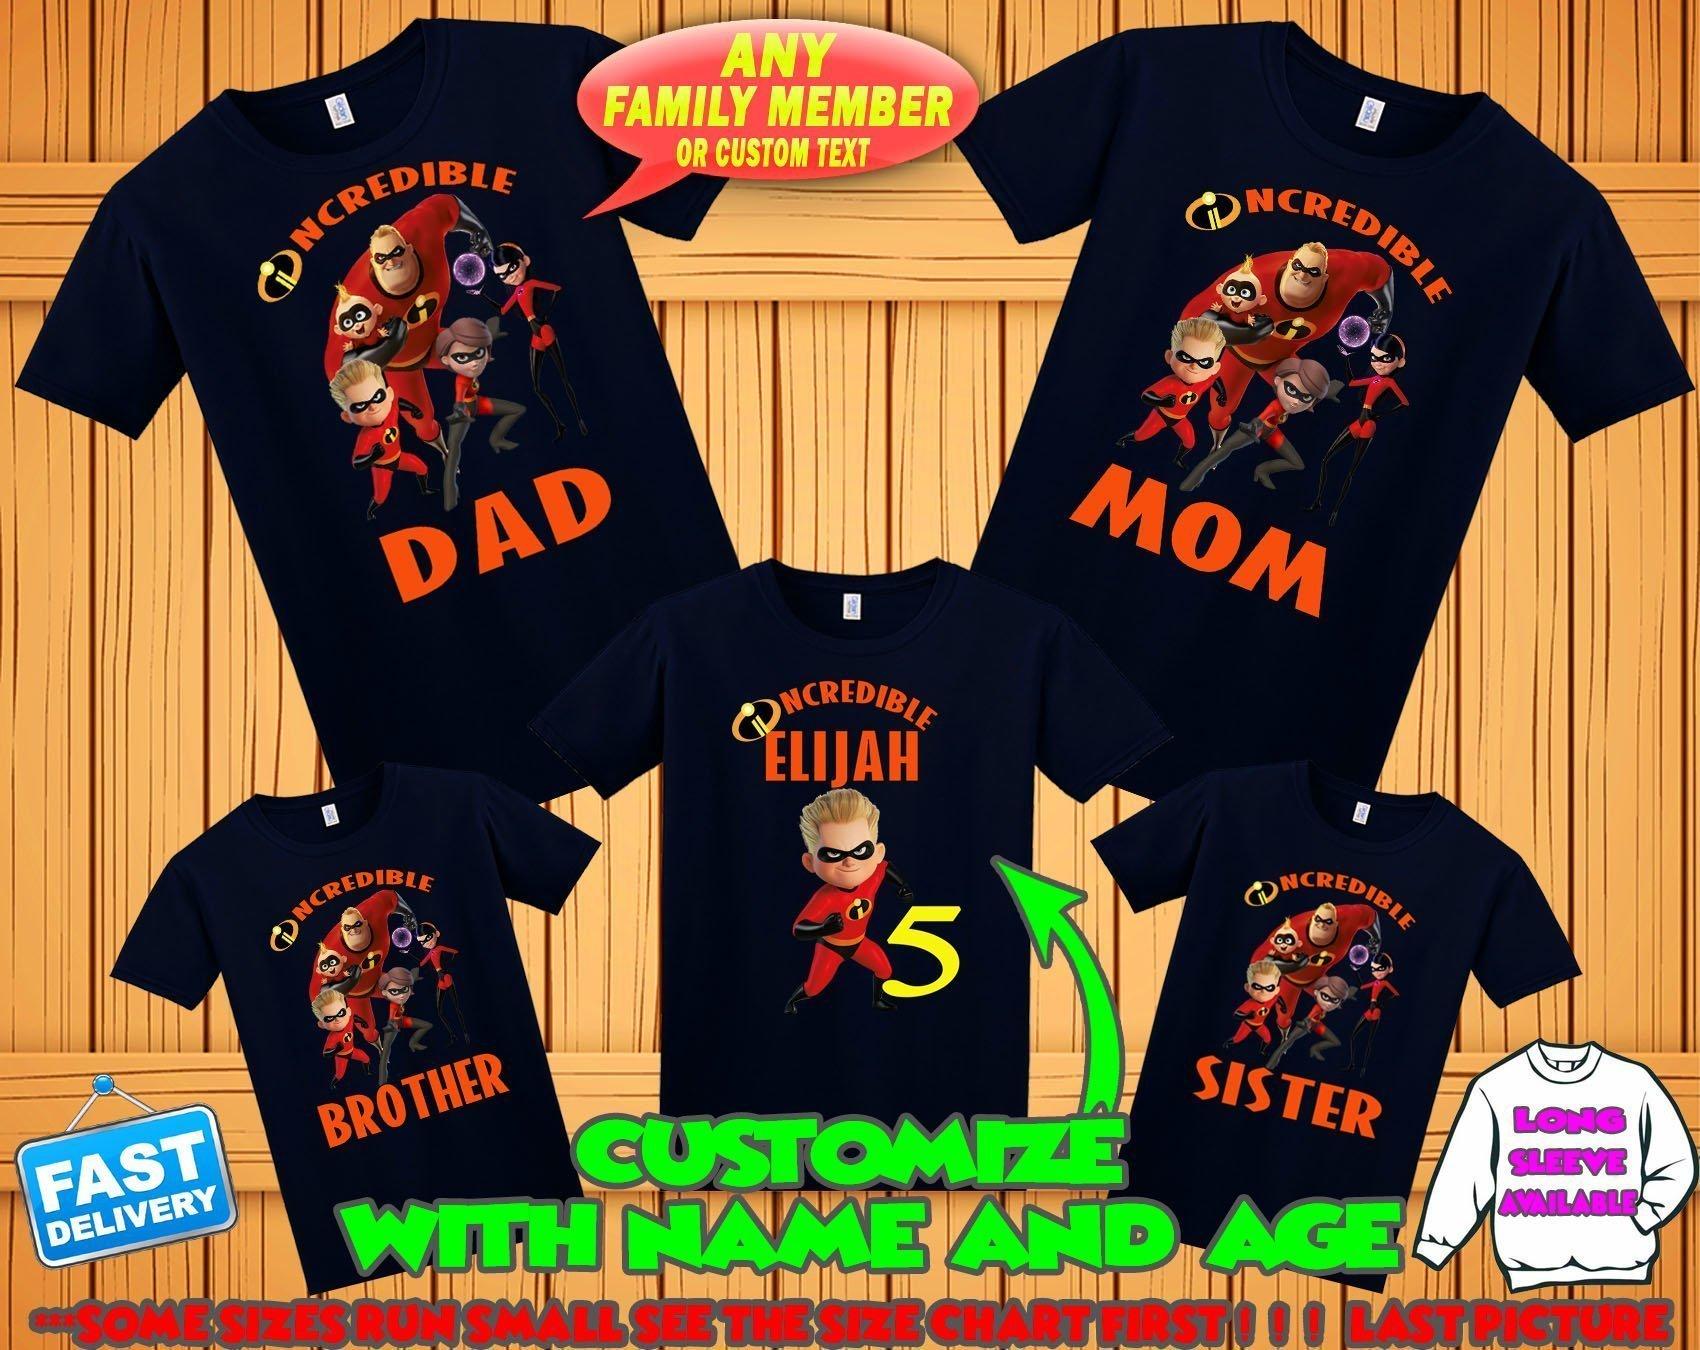 Incredibles 2 birthday shirt, Incredibles 2 birthday, incredibles 2 theme party shirts, Incredibles 2 family shirts, Incredibles 2 boy